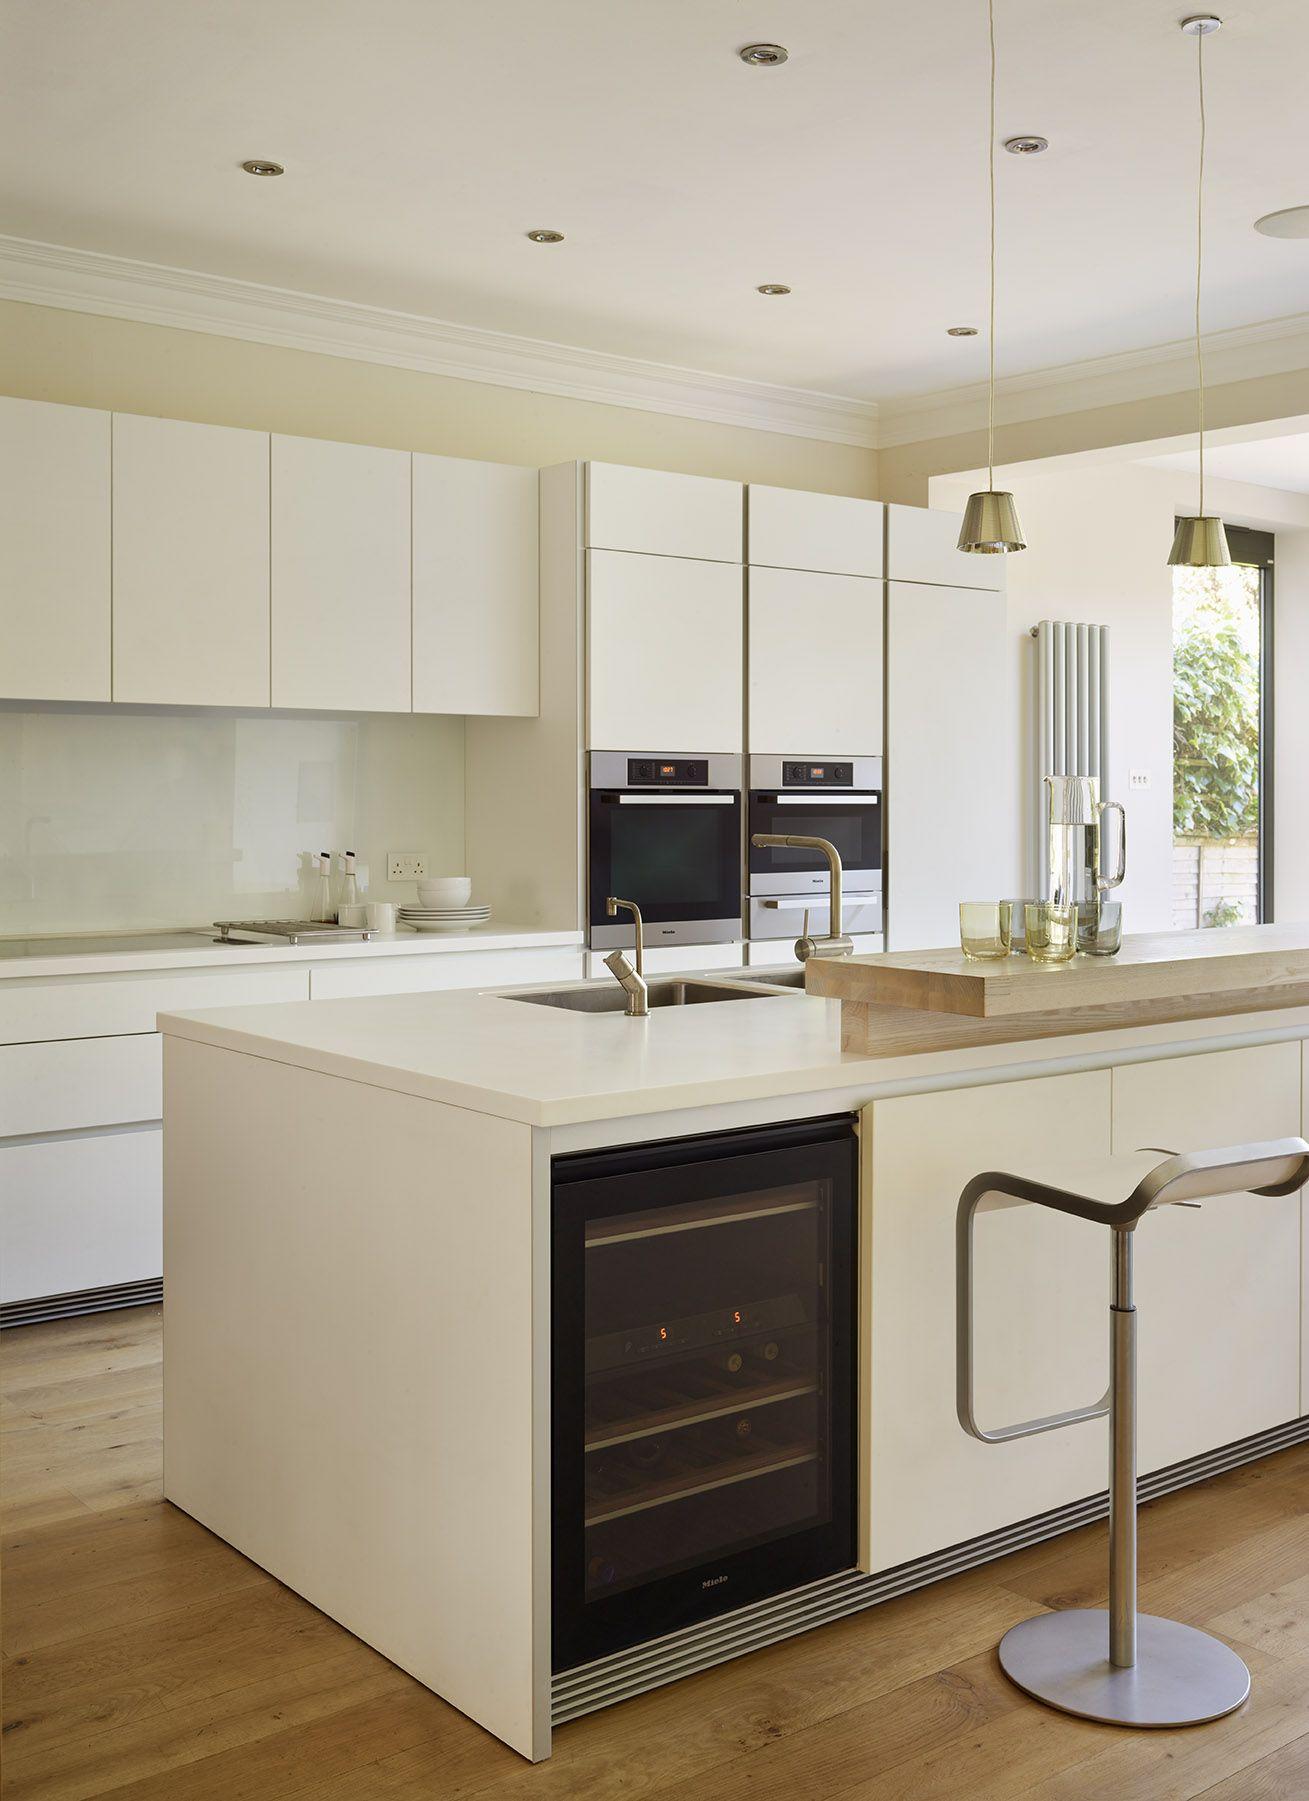 Küche - Schönes Format des Küchenblocks, und ggf gute Position für ...